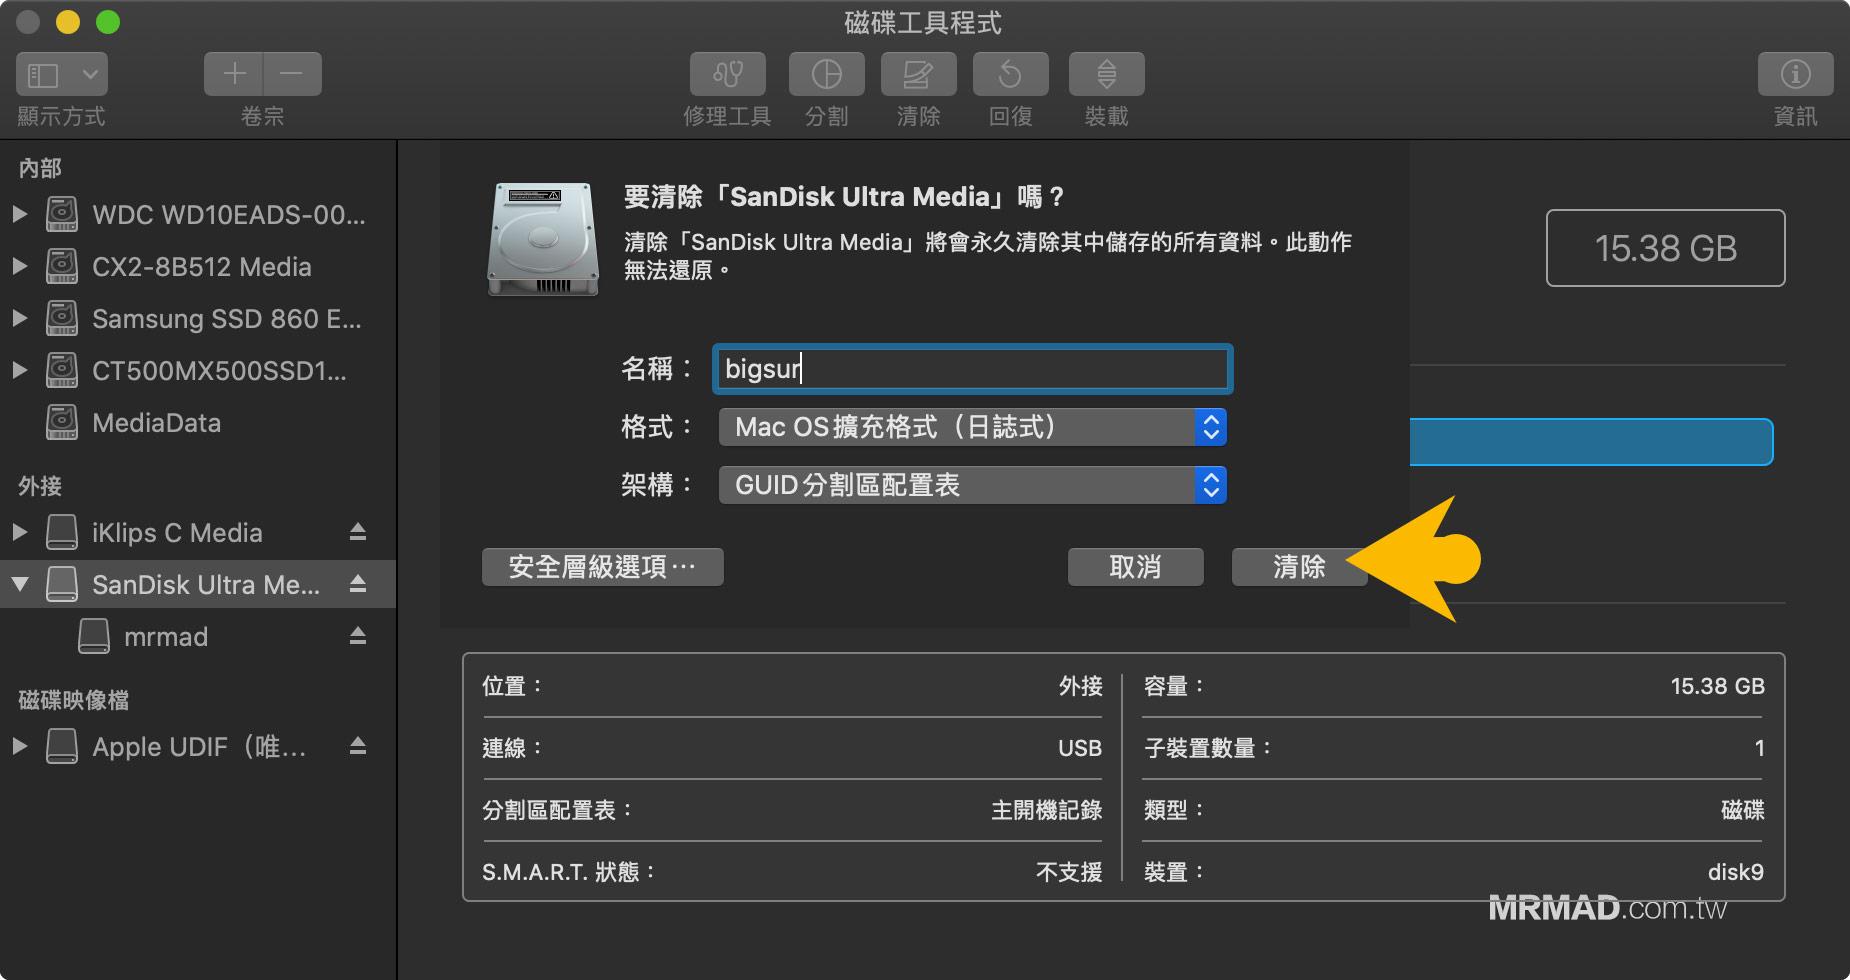 教你製作 macOS Big Sur USB系統安裝隨身碟 - 瘋先生